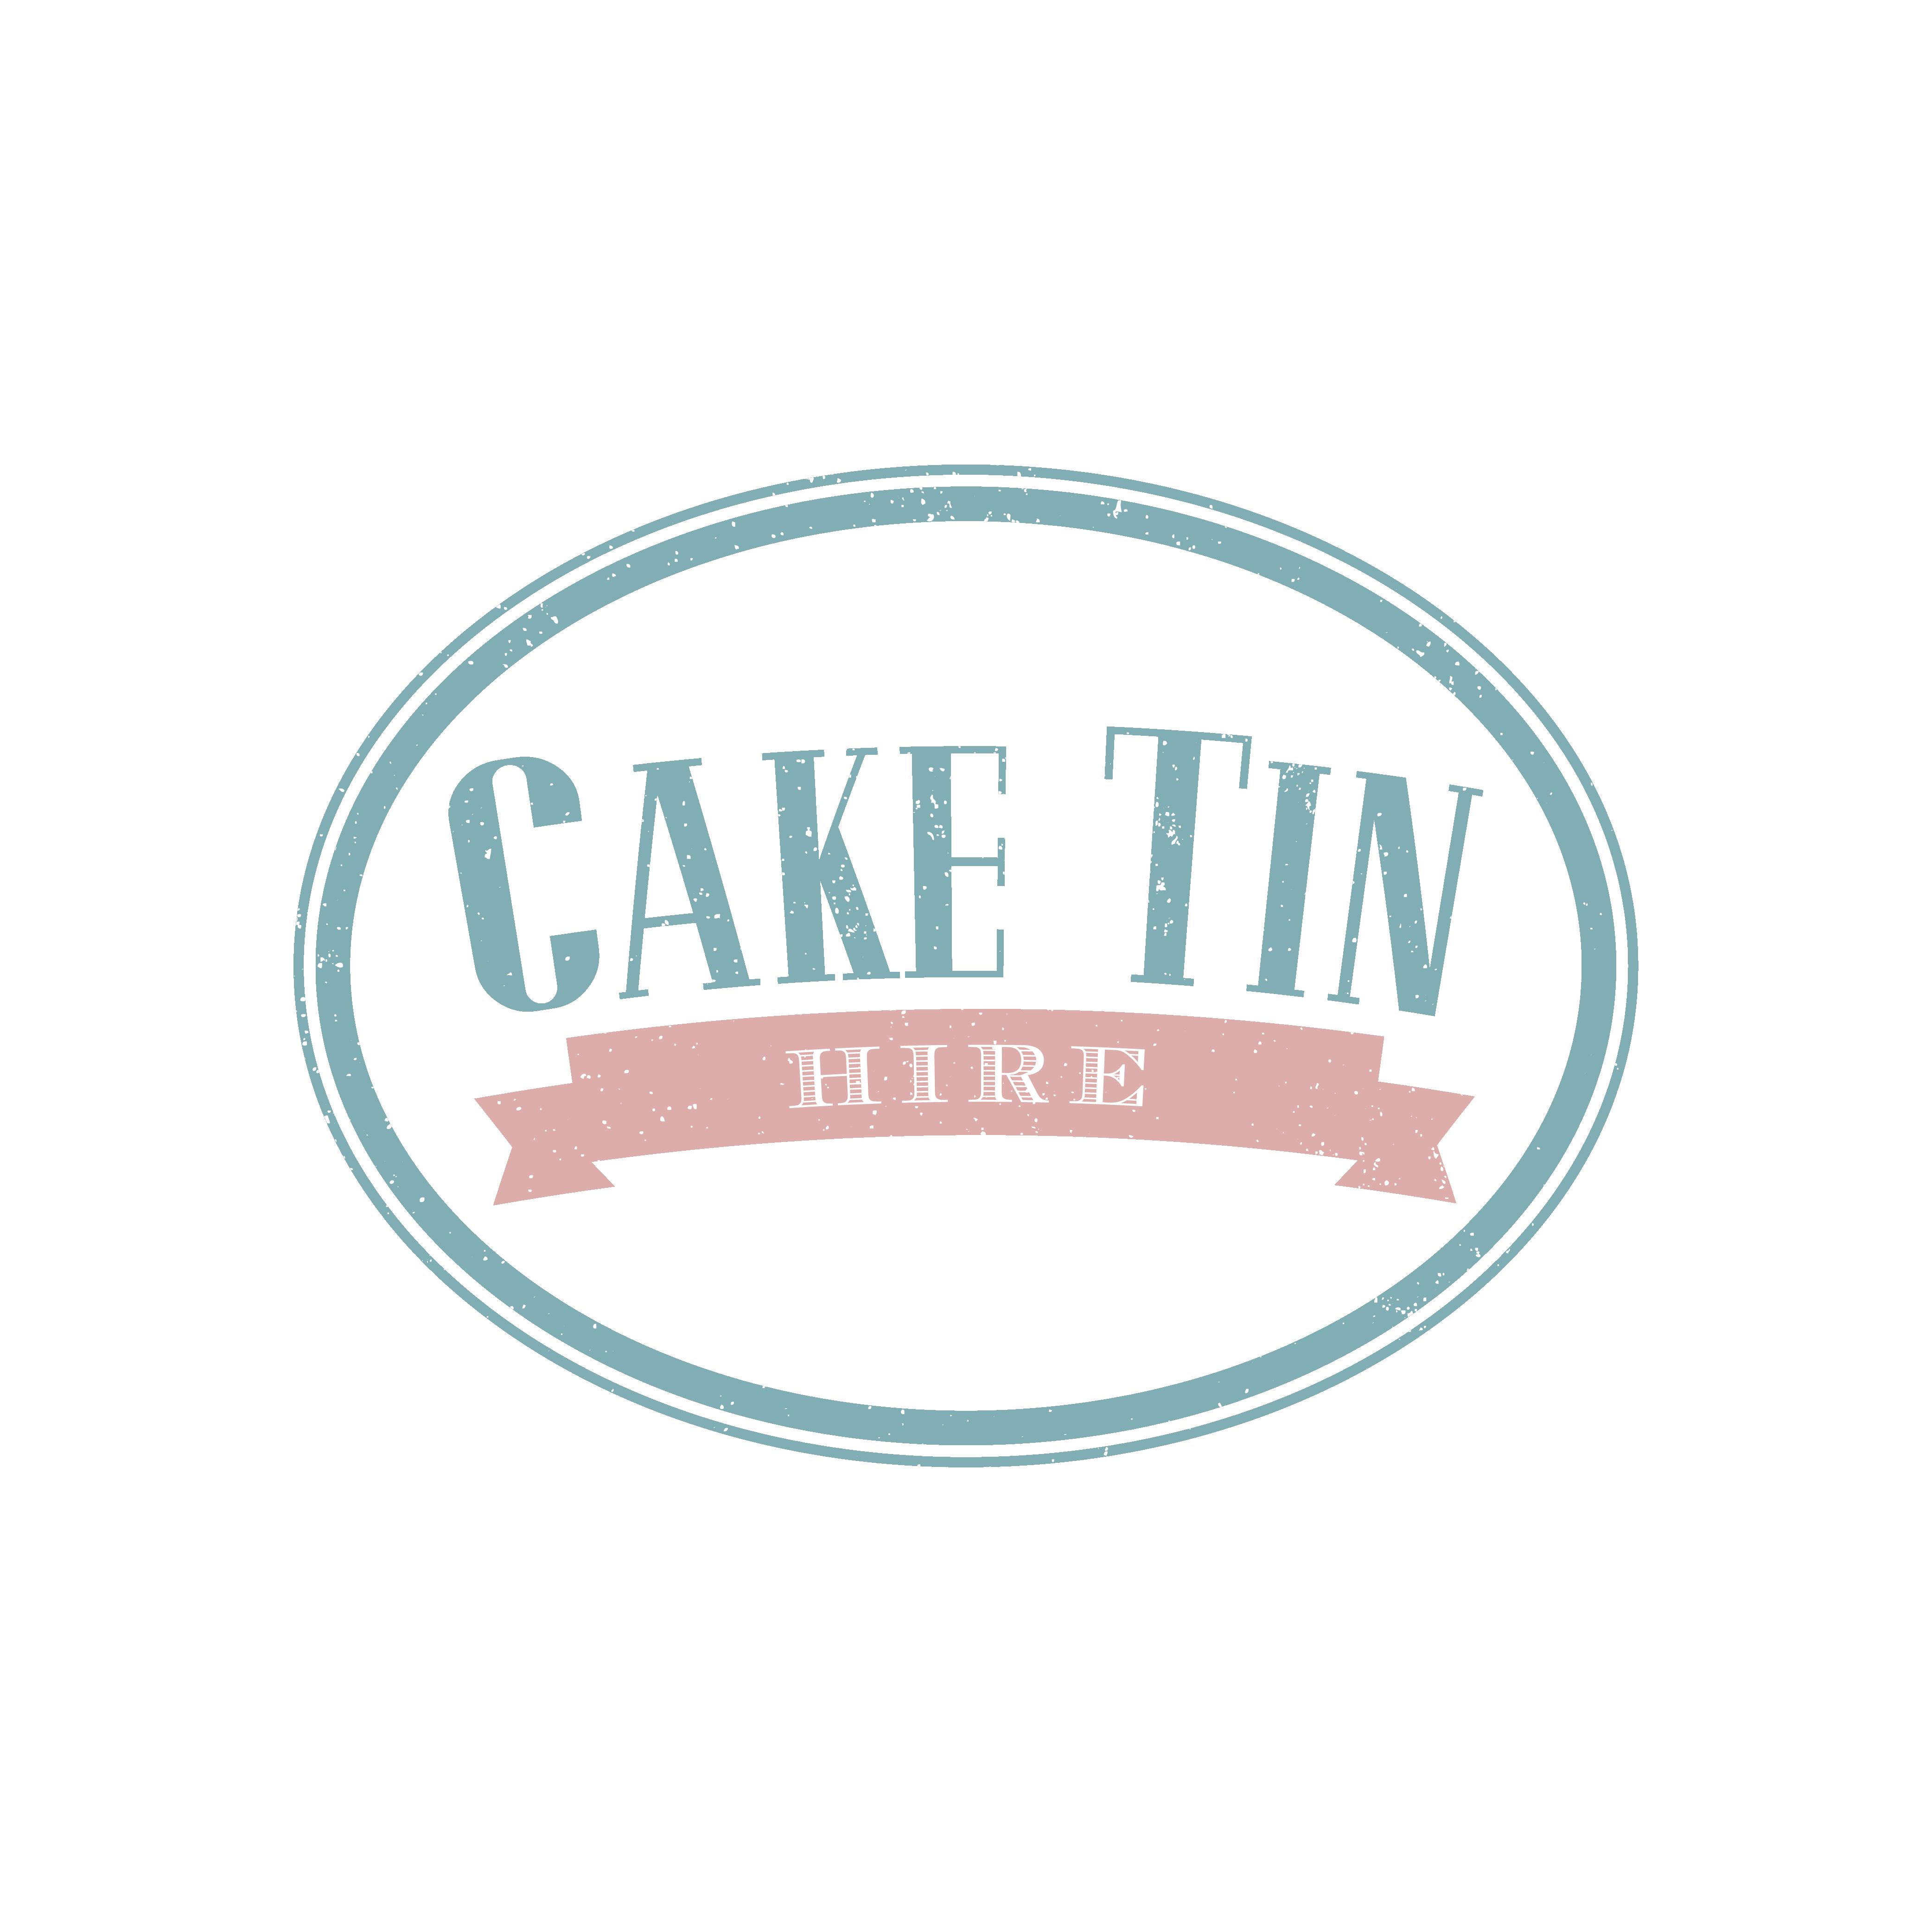 Cake Tin Hire Rev-01